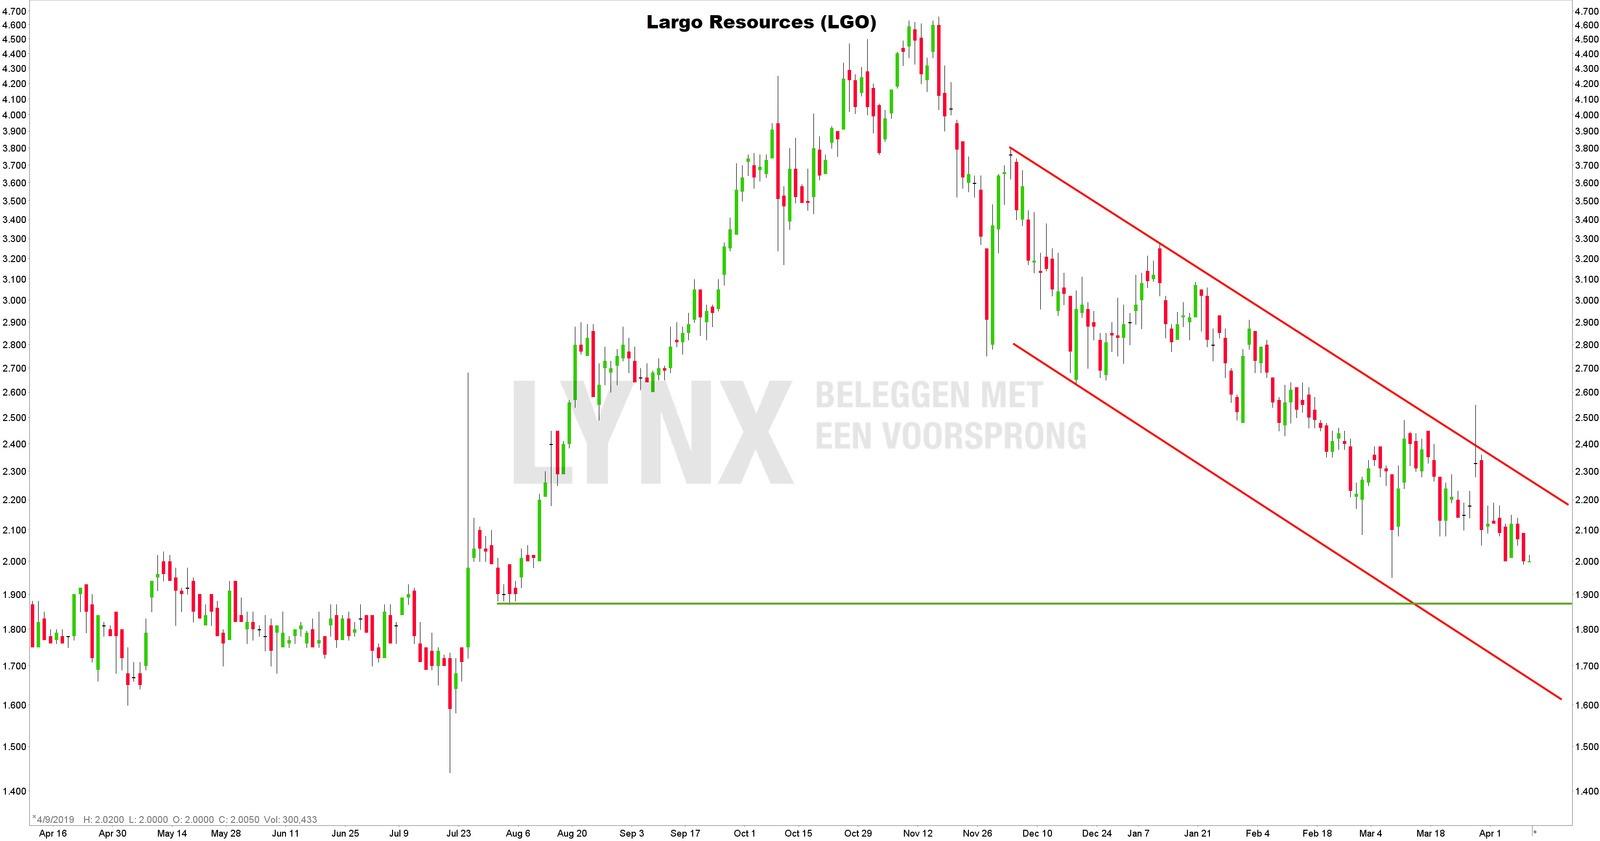 Koersgrafiek Largo Resources - beleggen in vanadium aandelen